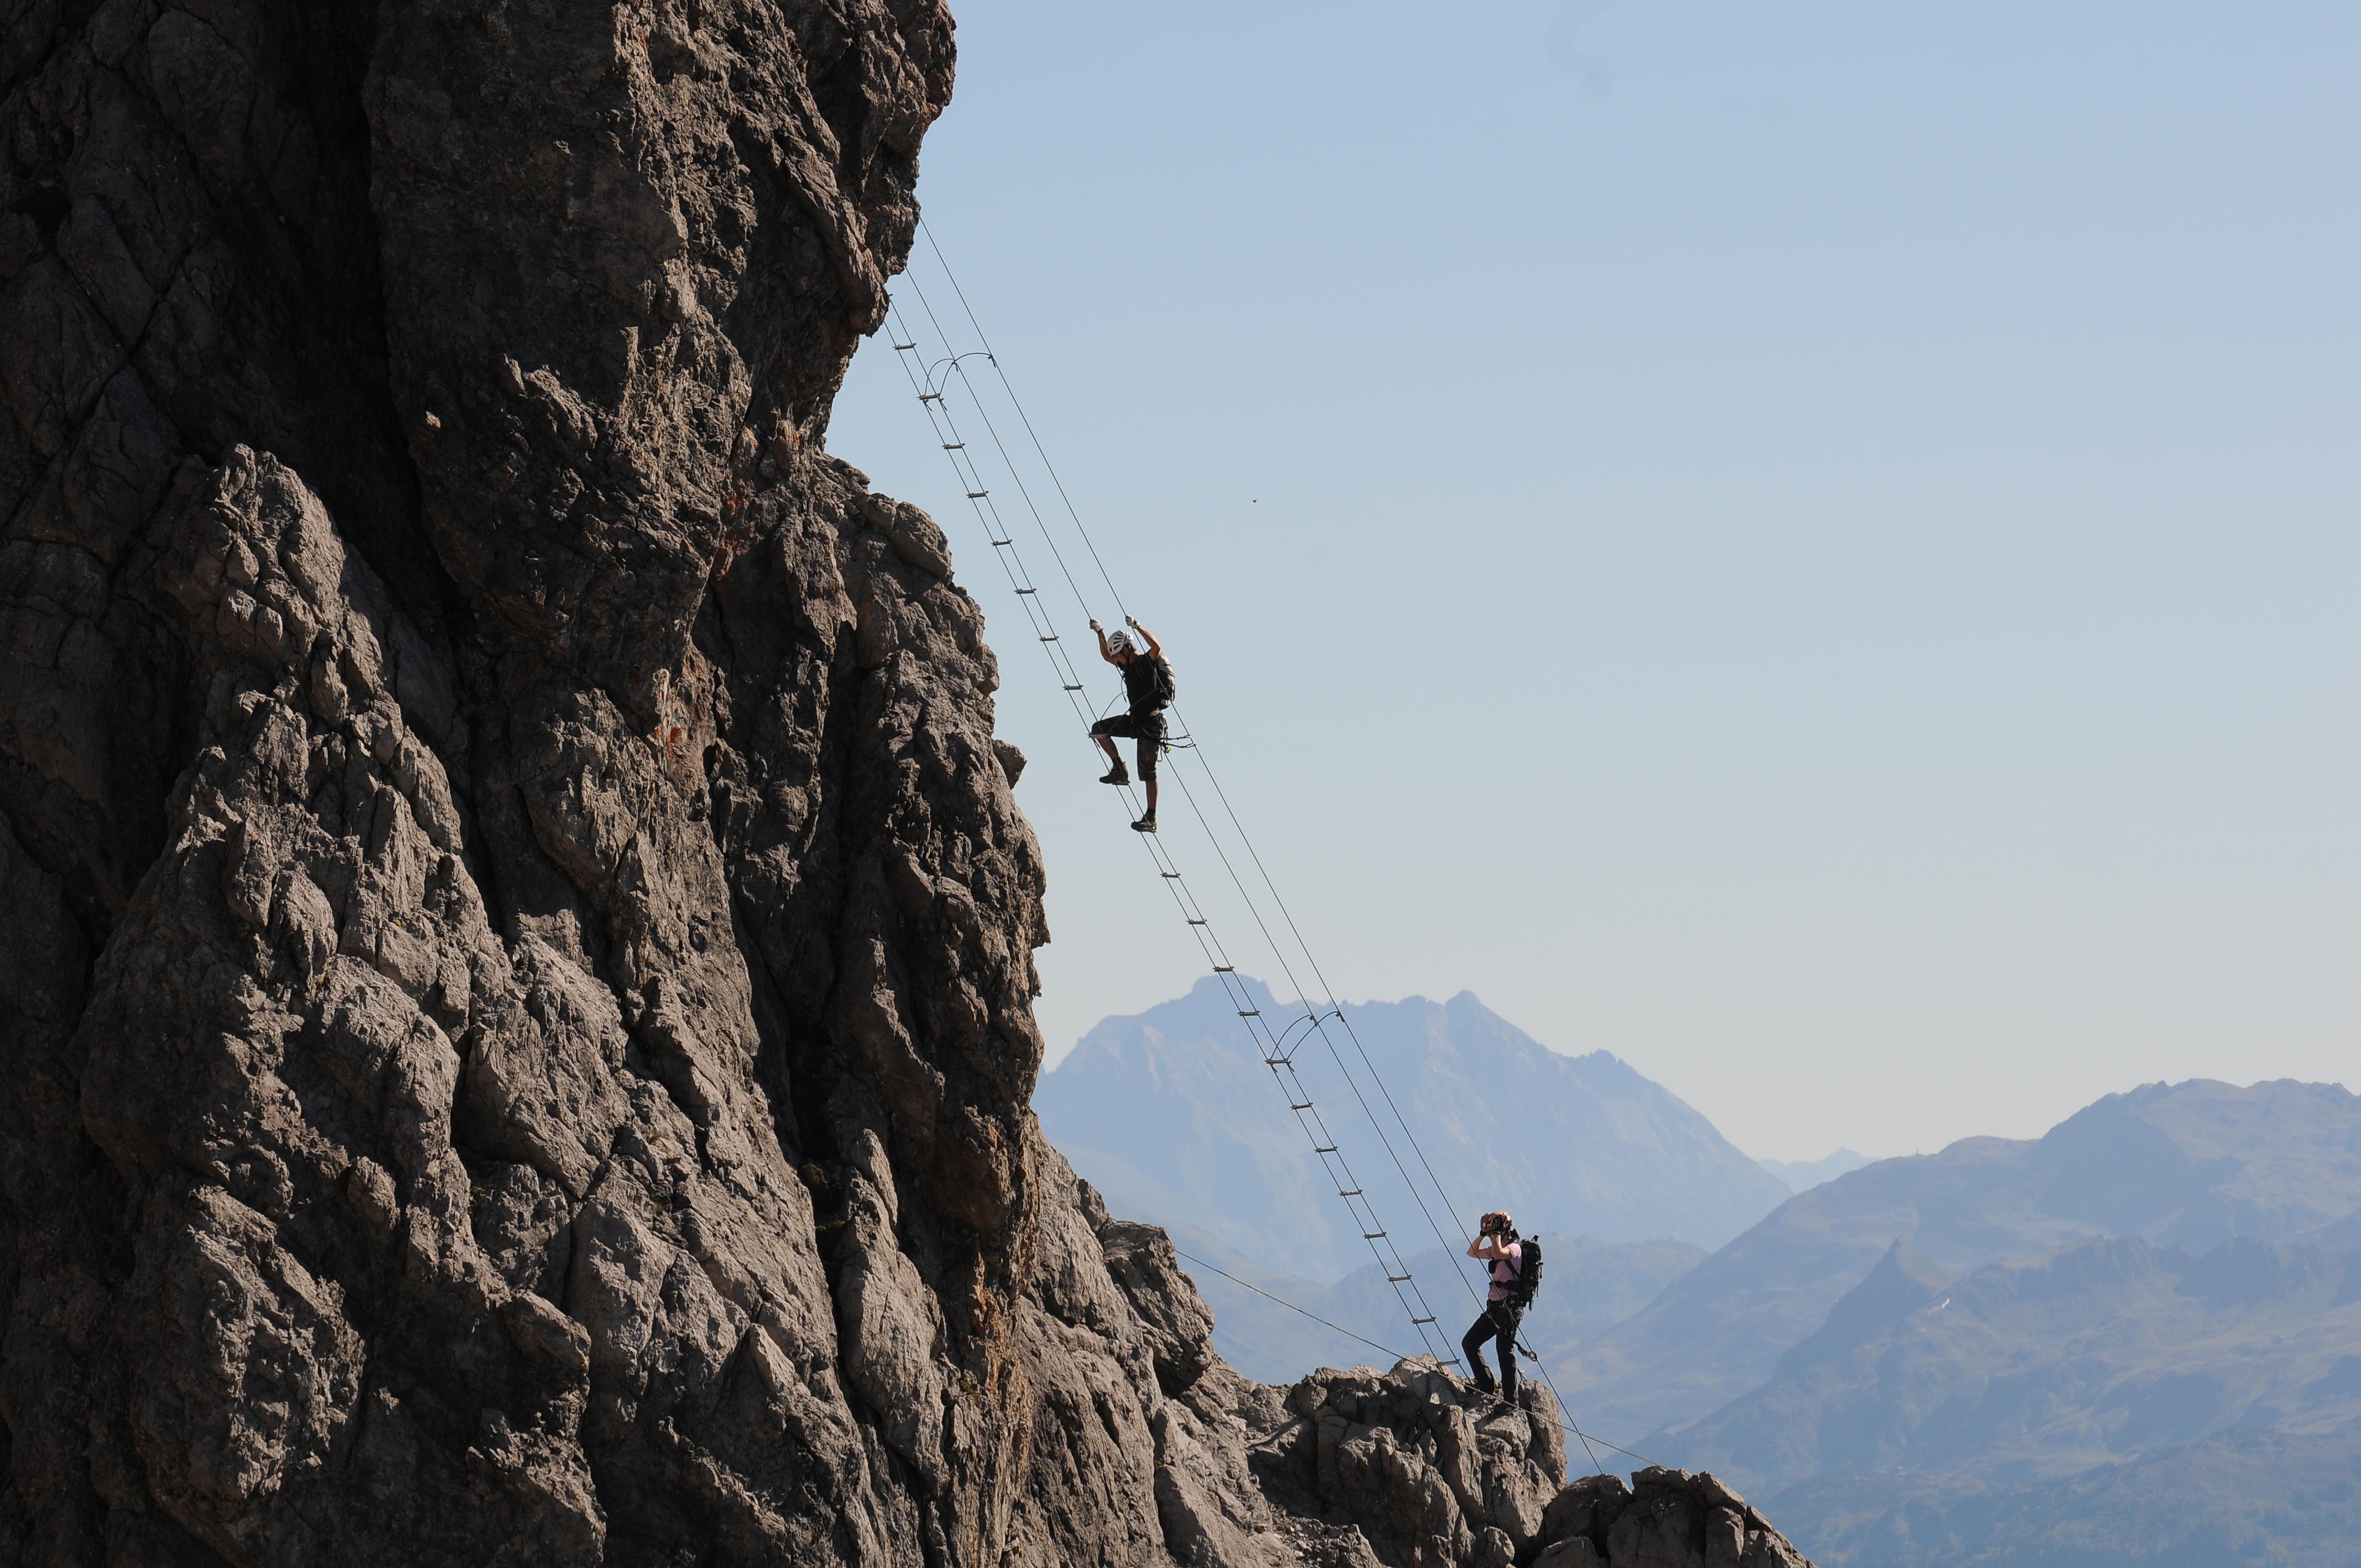 Klettersteig Saulakopf : File lünersee saulakopf rätikon g wikimedia commons